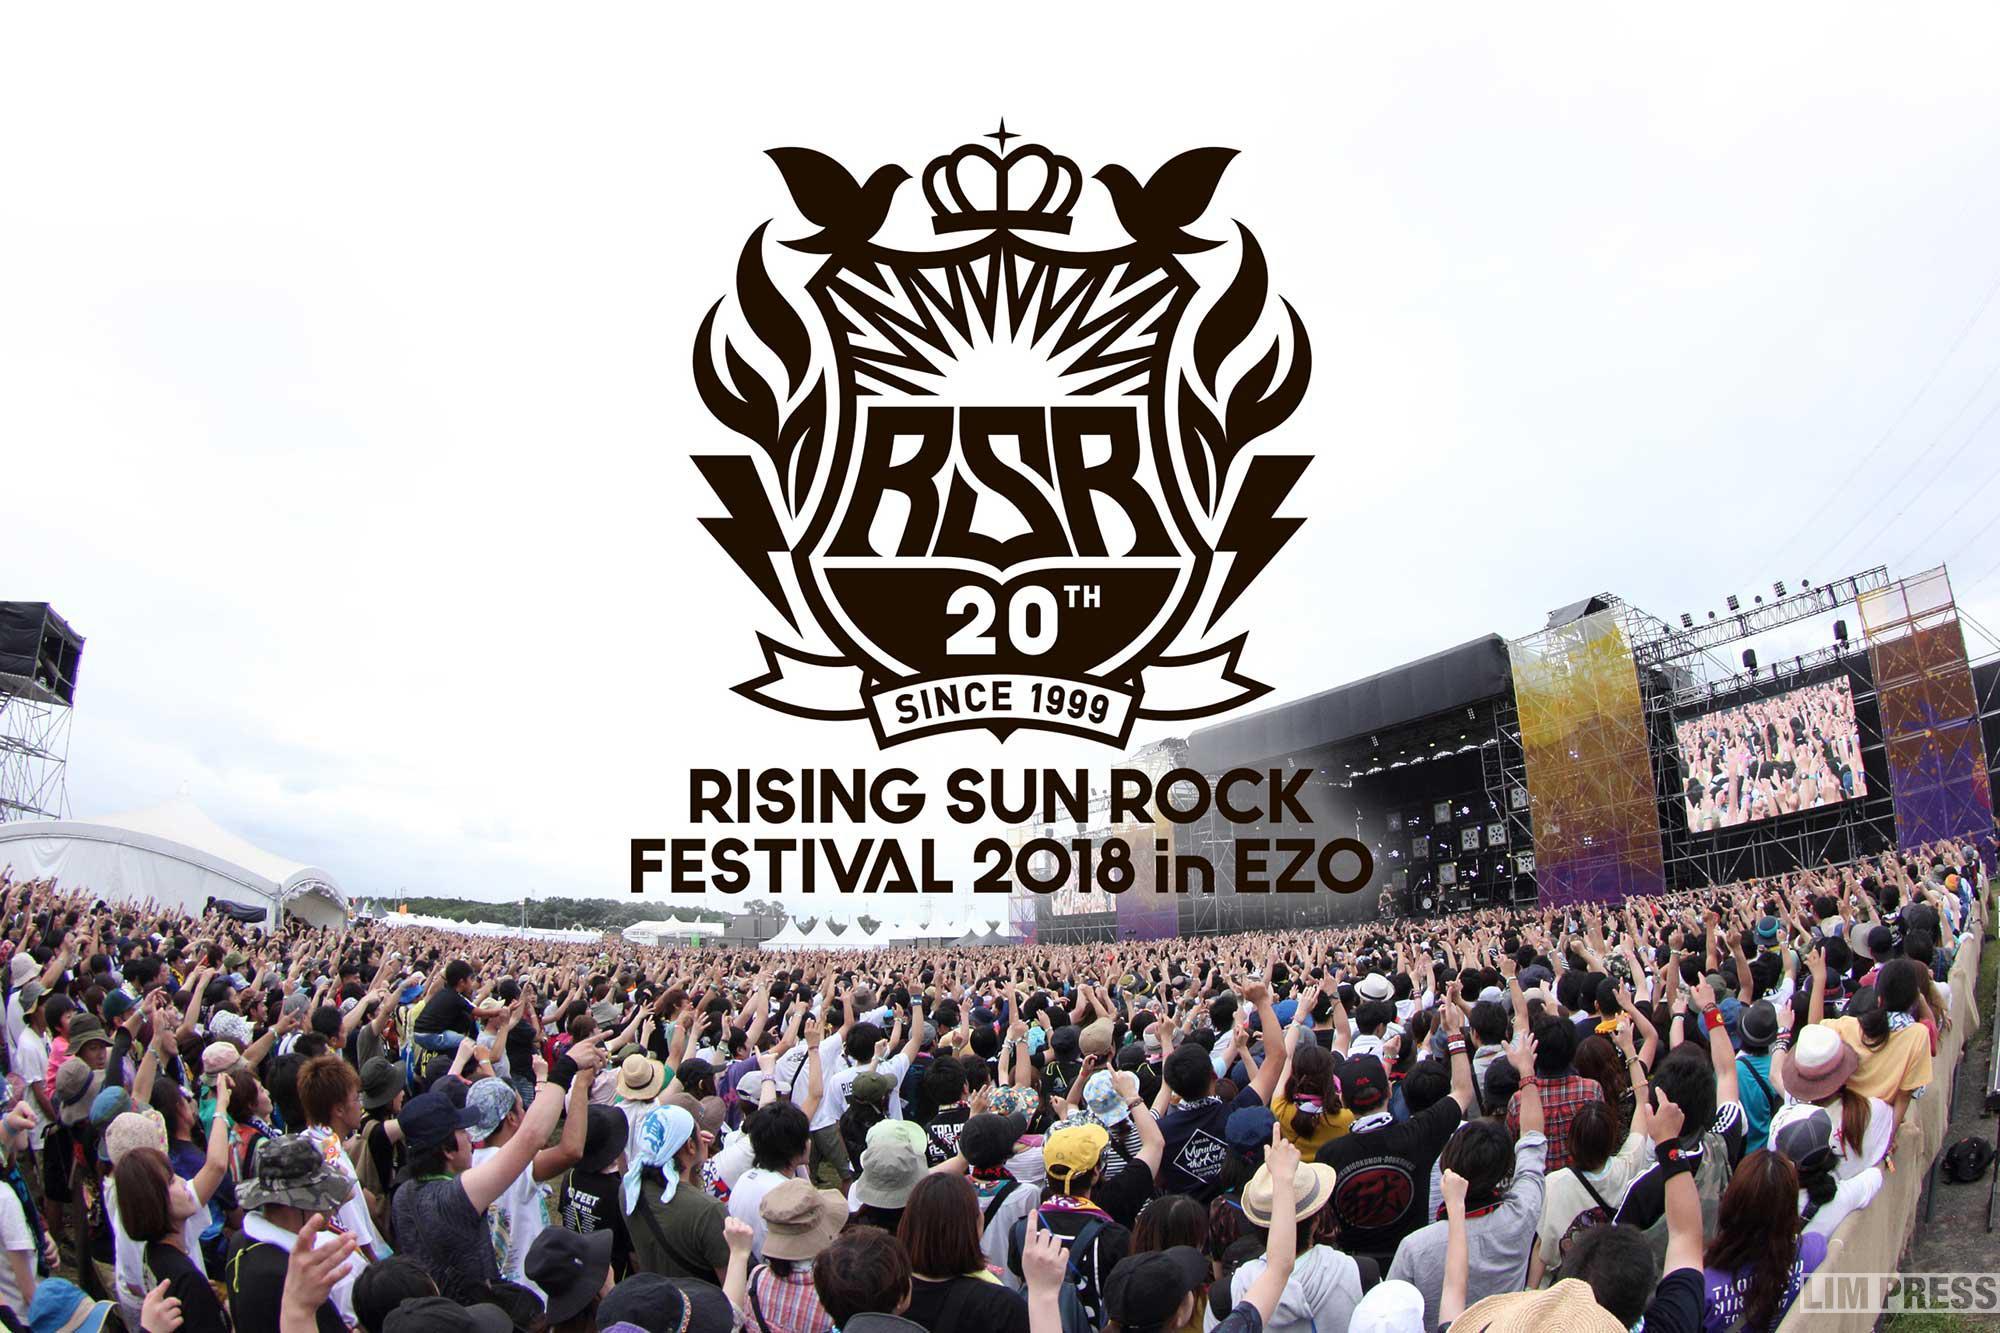 今年20回目となるRISING SUN ROCK FESTIVAL、テントサイト付入場券の早期販売が受付スタート!!